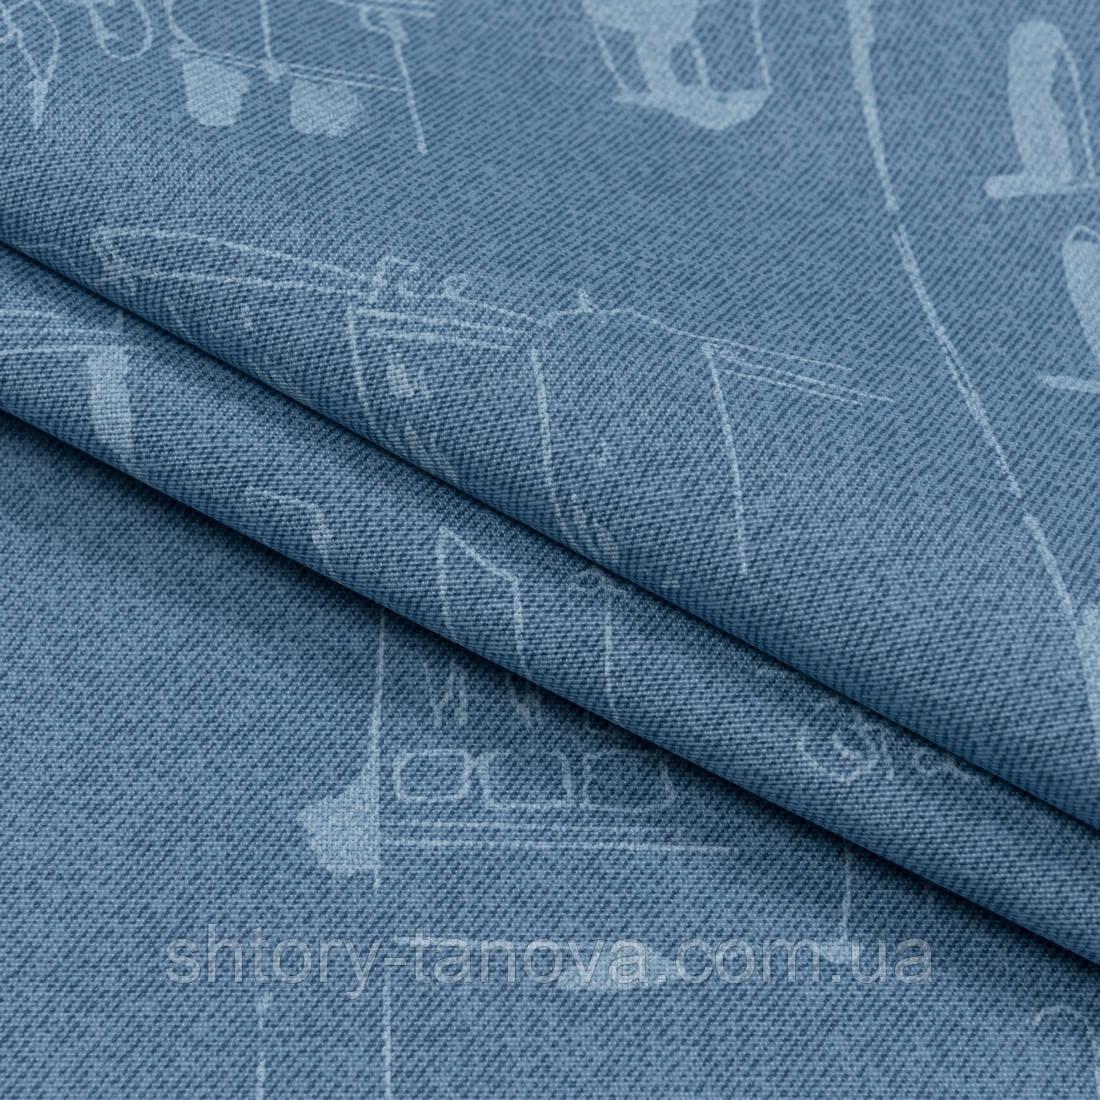 Ткань с акриловой пропиткой leonardo /леонардо т.голубой